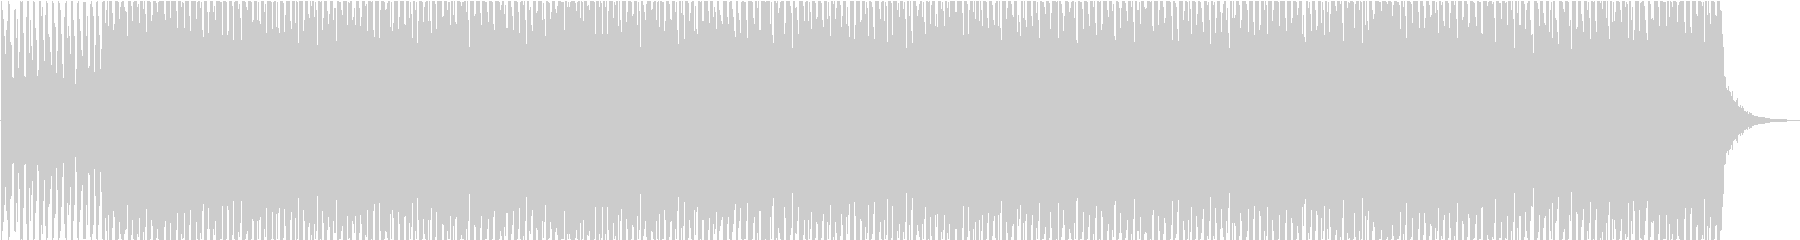 ミニマル系テクノBGM(WAV版)の未再生の波形